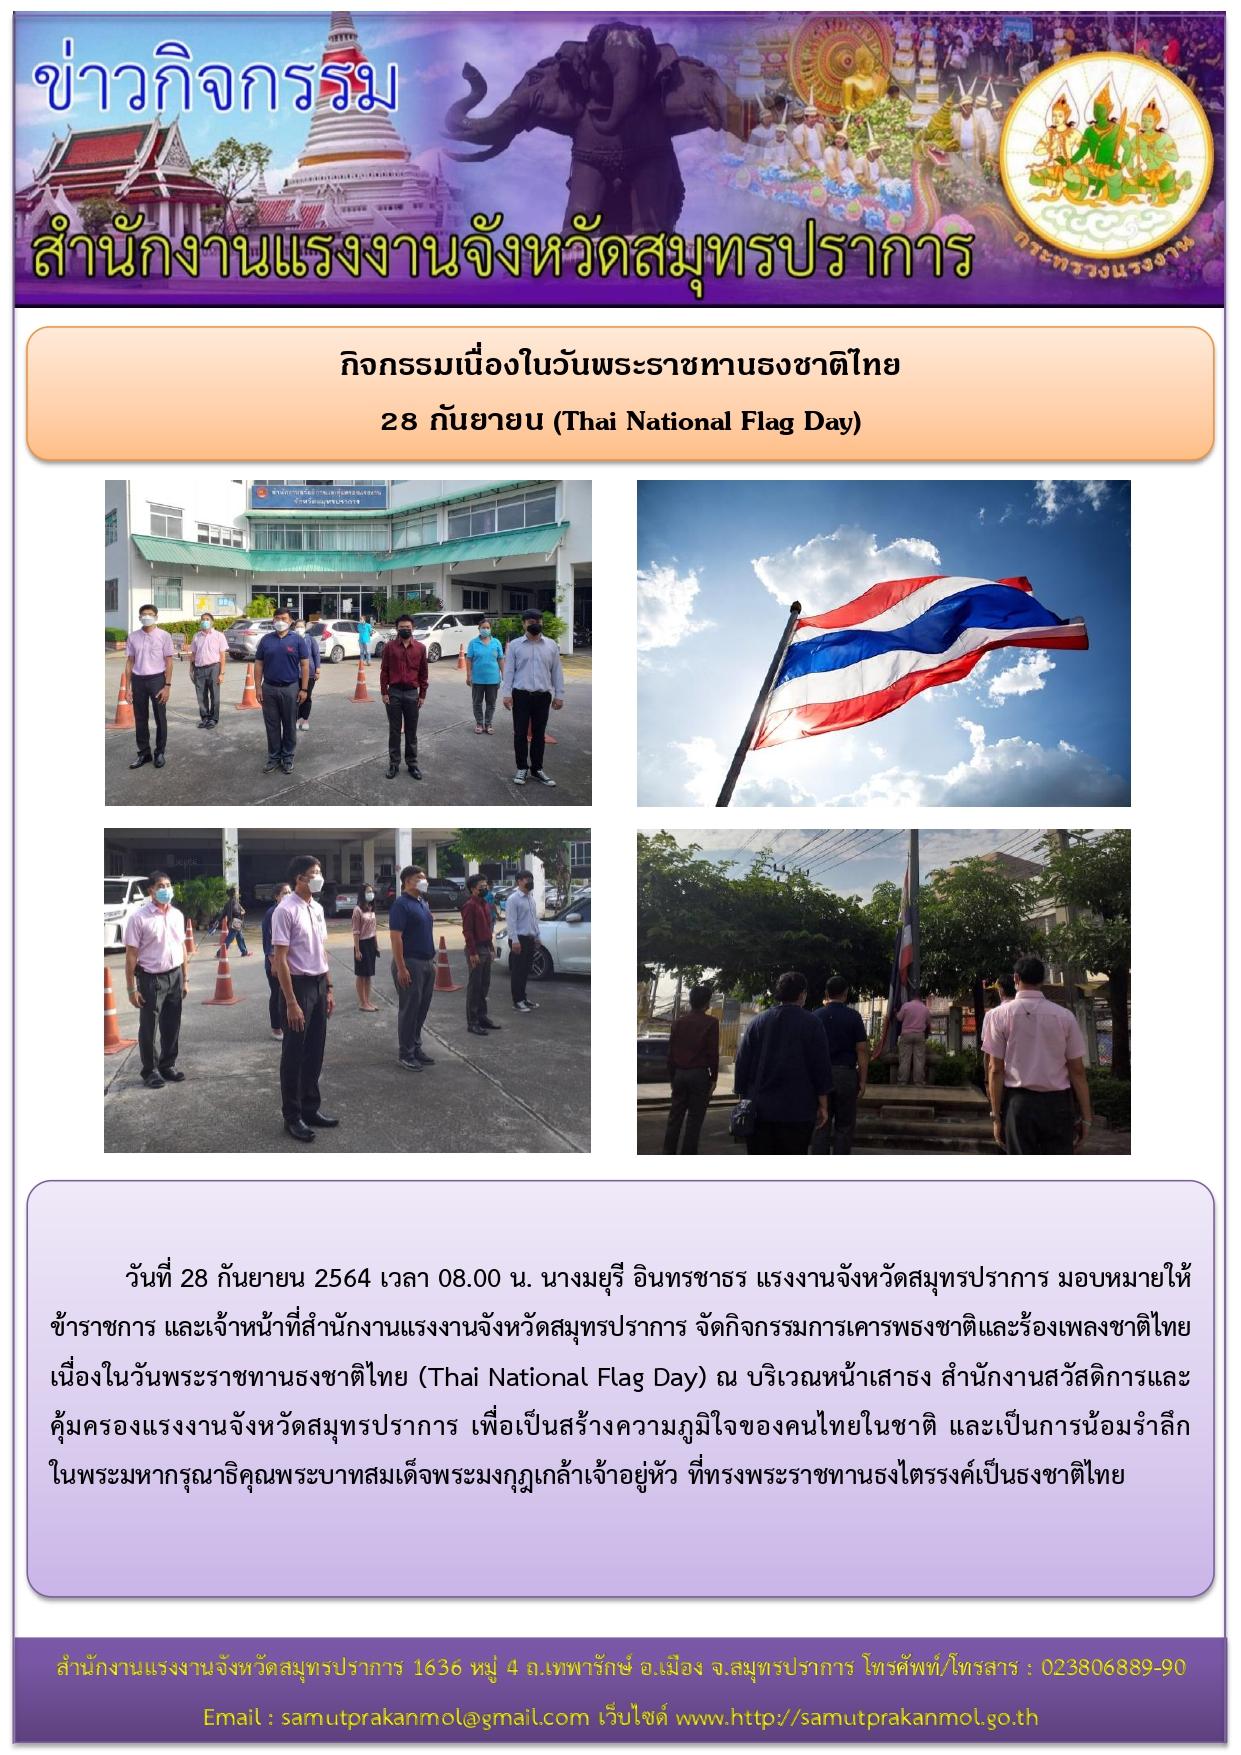 กิจกรรมเนื่องในวันพระราชทานธงชาติไทย 28 กันยายน (Thai National Flag Day)